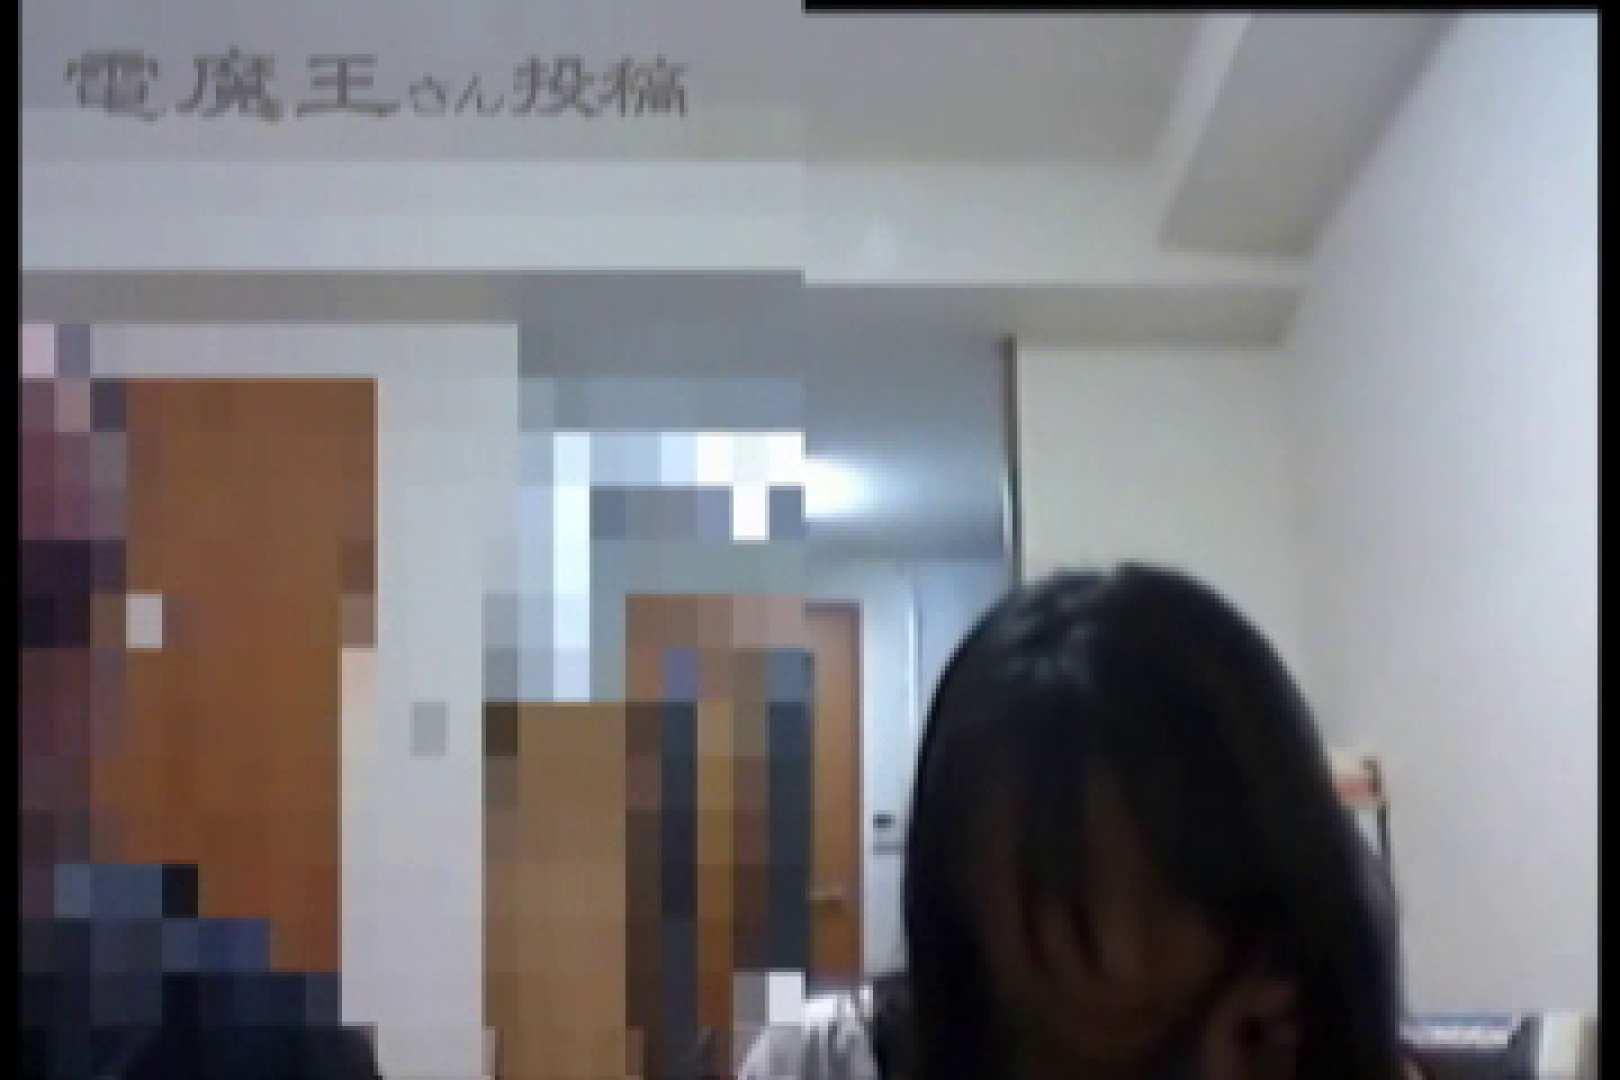 電魔王さんの「隠撮の部屋」ミーナ 隠撮 すけべAV動画紹介 105pic 26